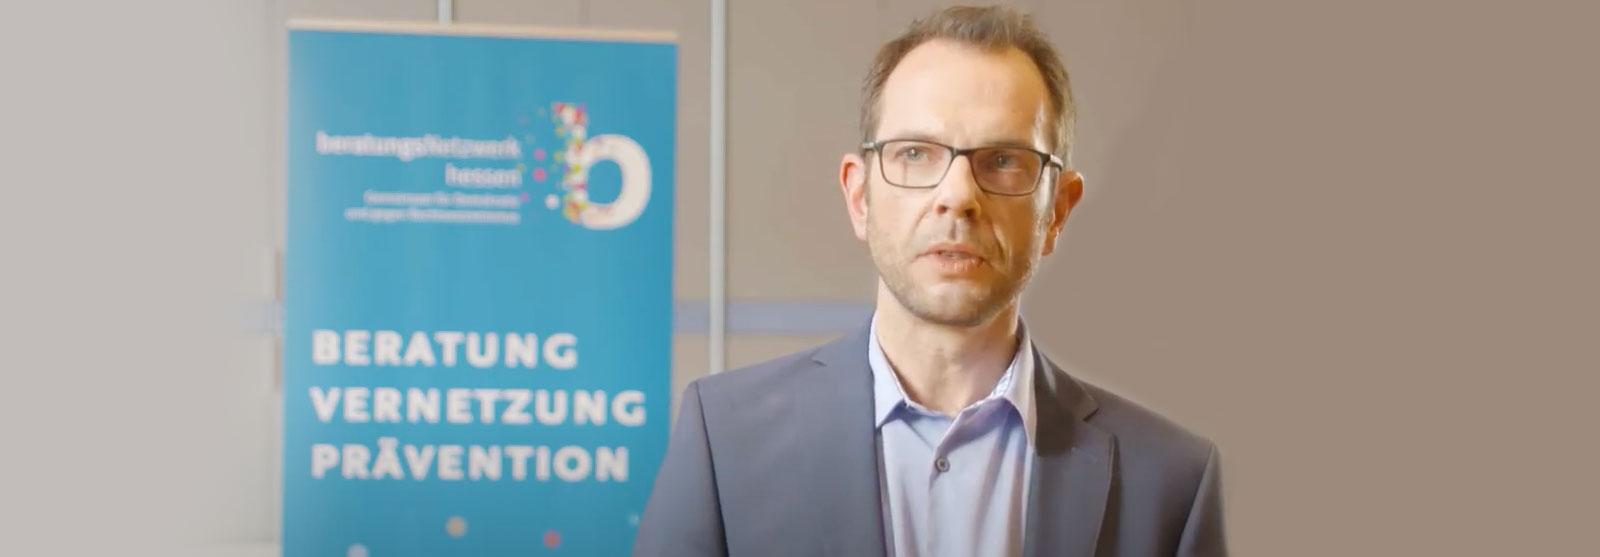 Video Beratungsnetzwerk Dr. Reiner Becker